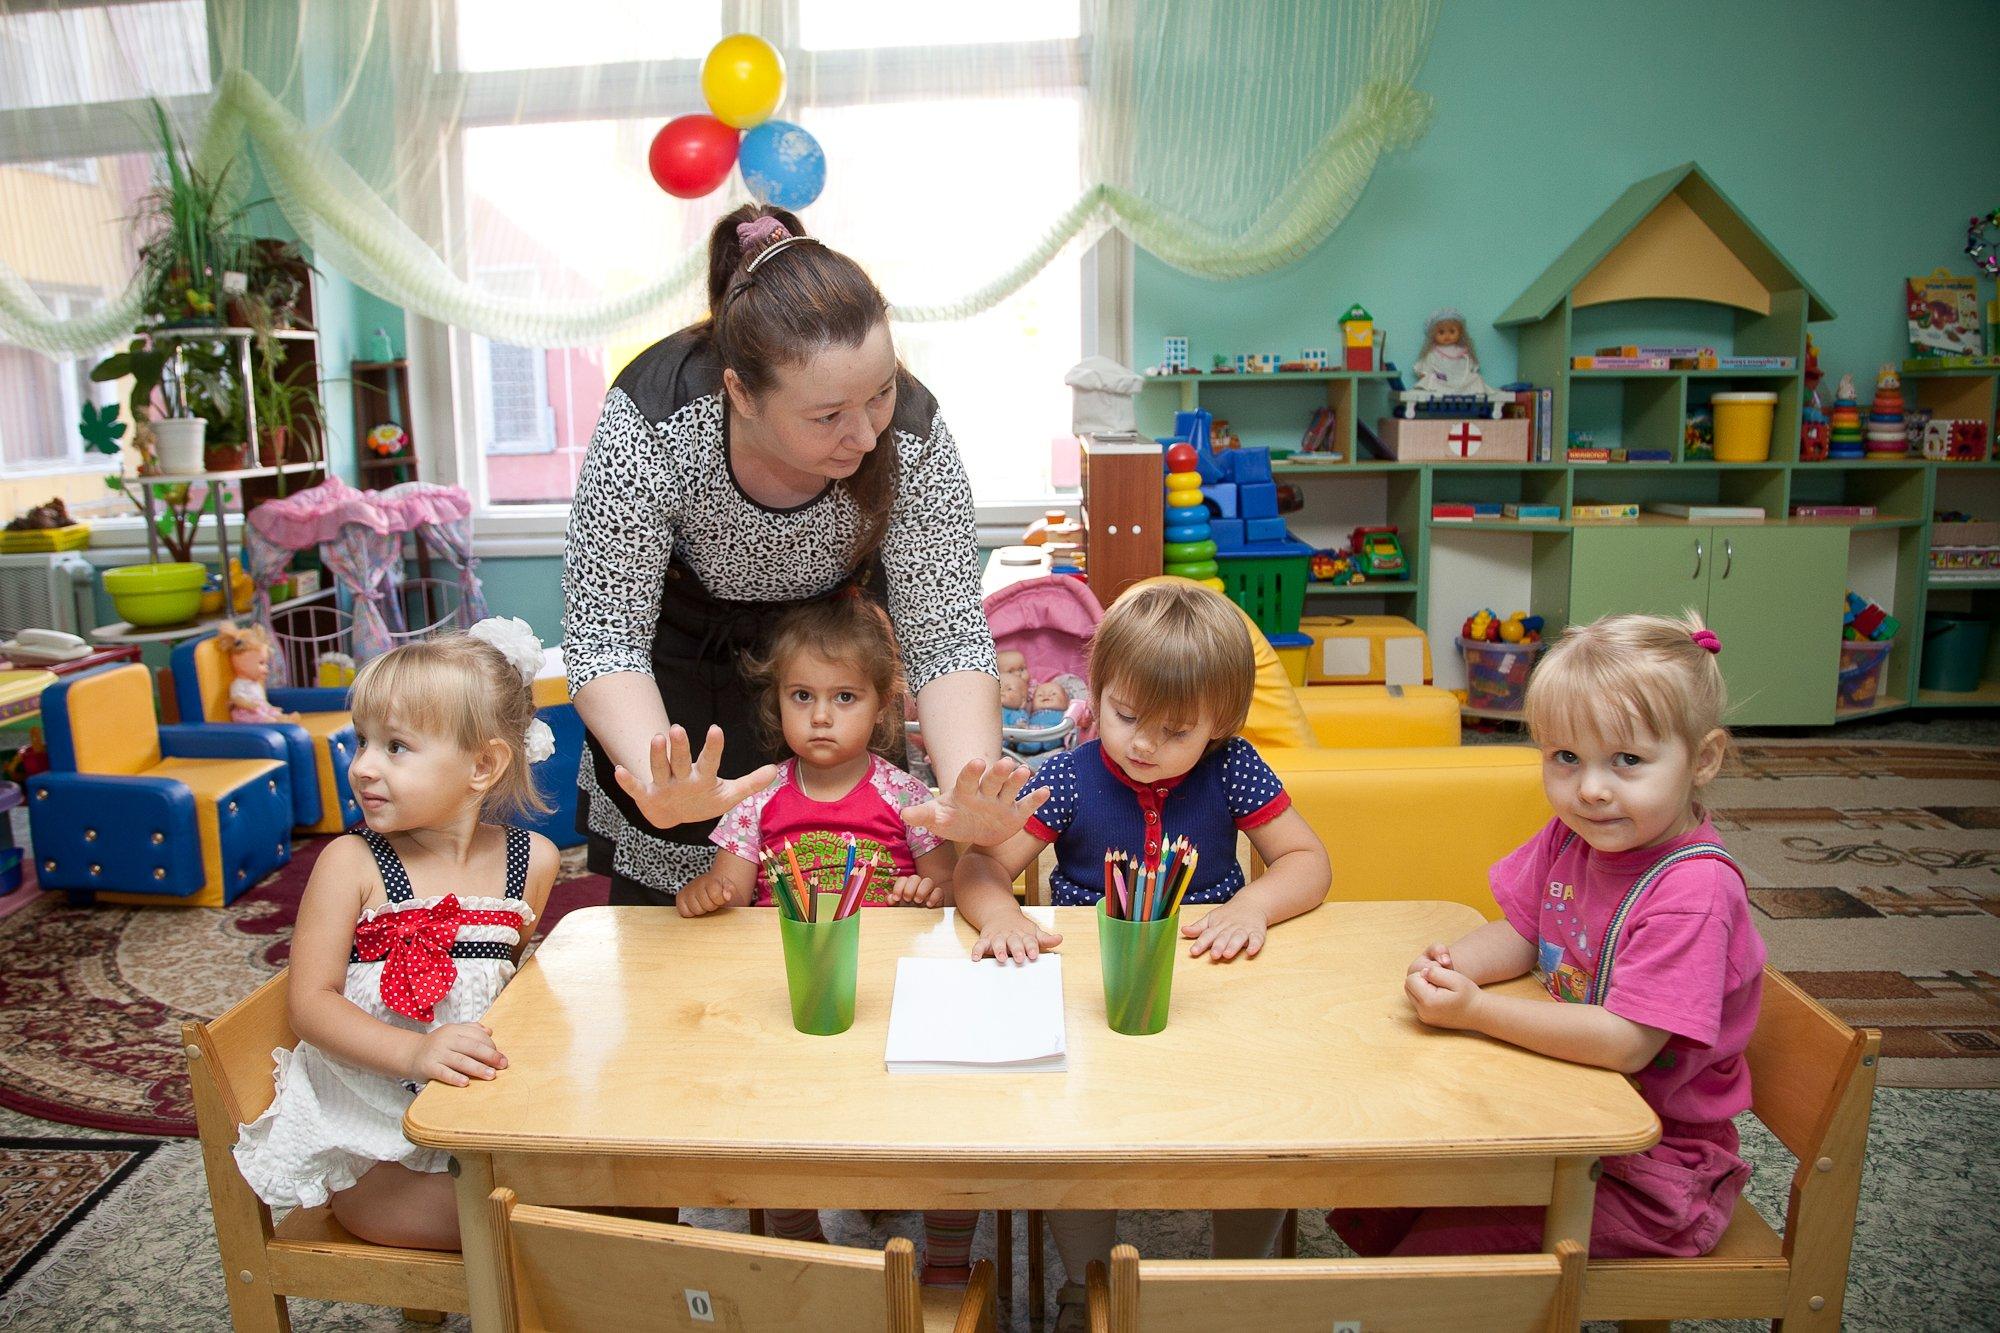 Помощник воспитателя дошкольной образовательной организации